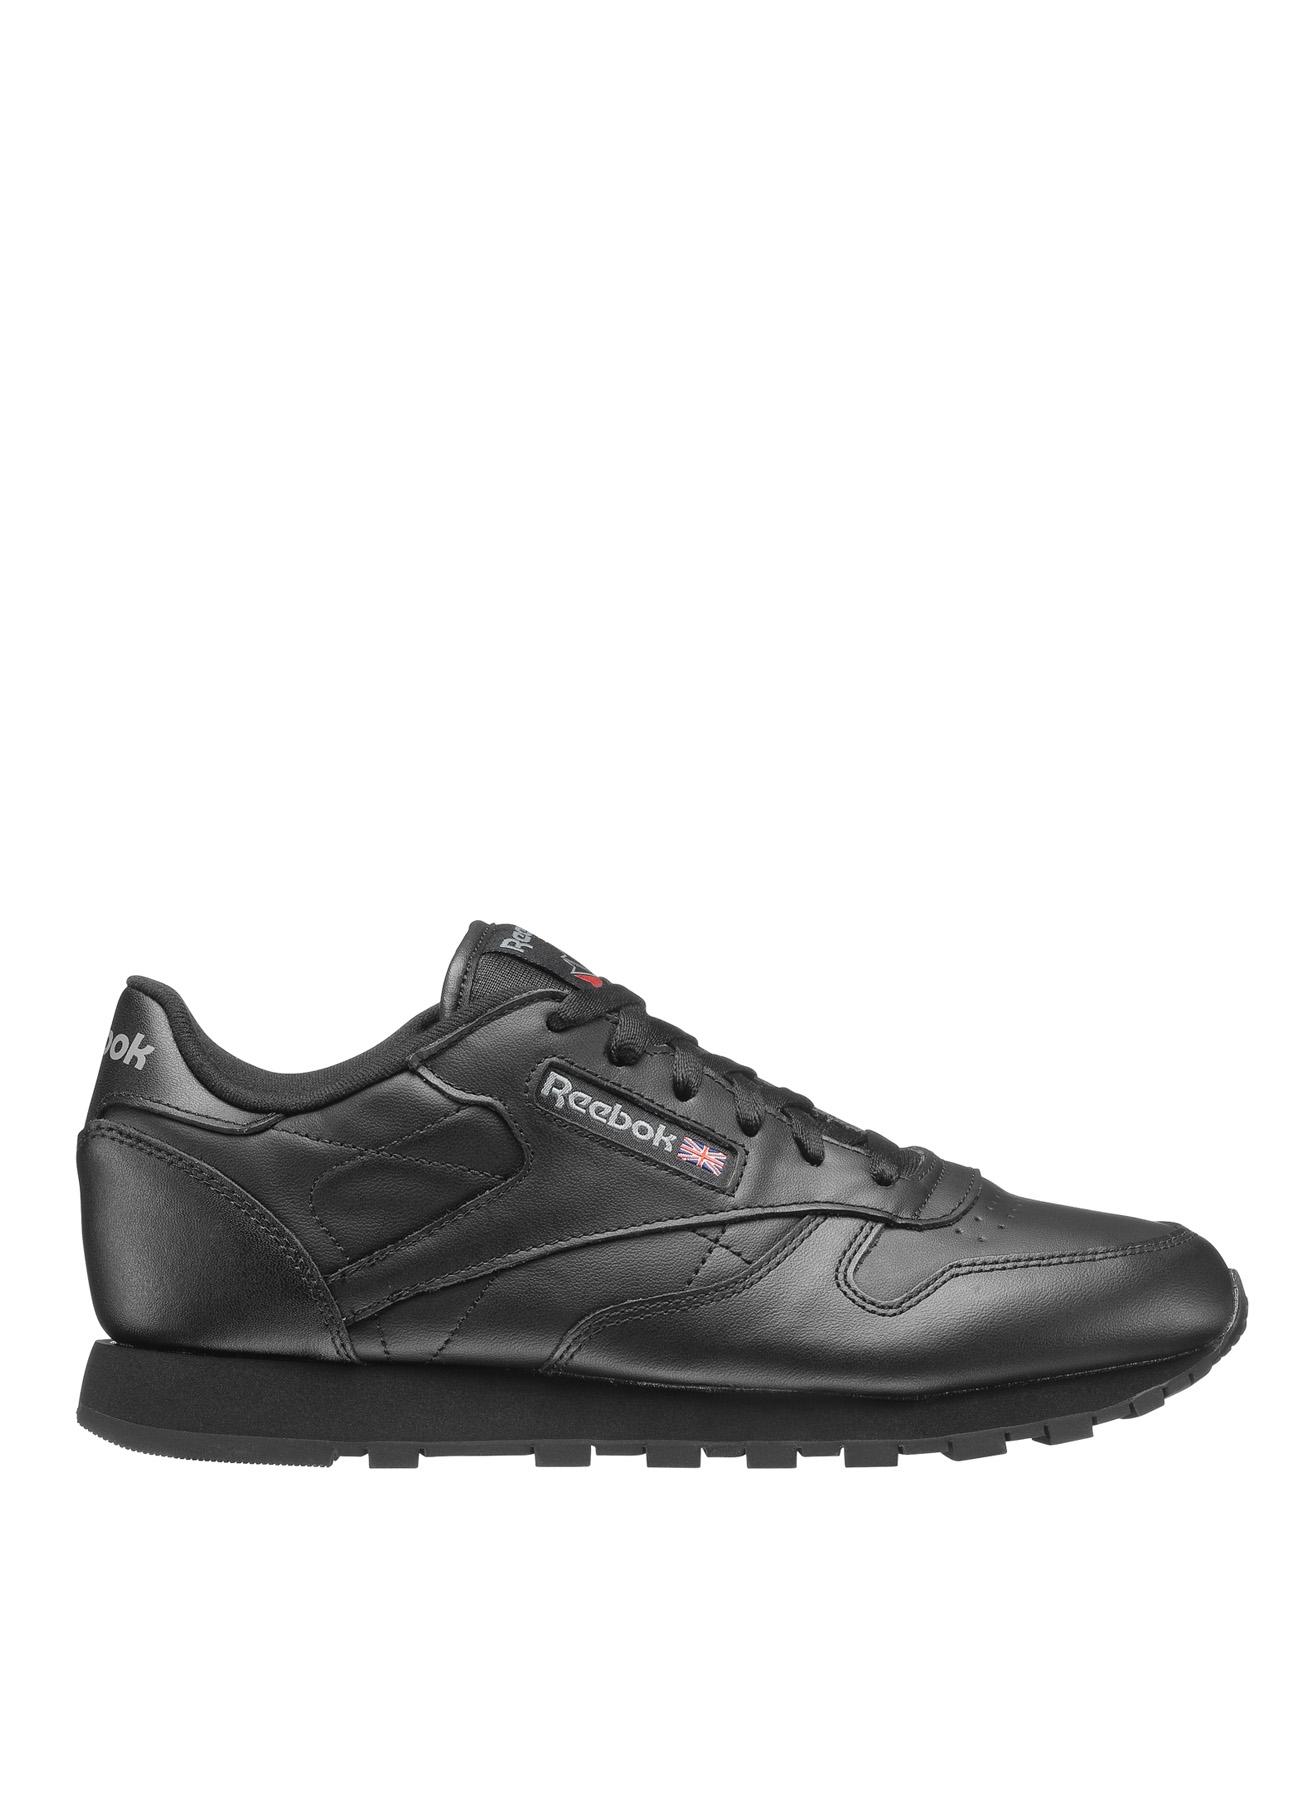 Reebok Classic Leather Koşu Ayakkabısı 9 Ay-4 Yaş-Us 5.5 5000004798001 Ürün Resmi